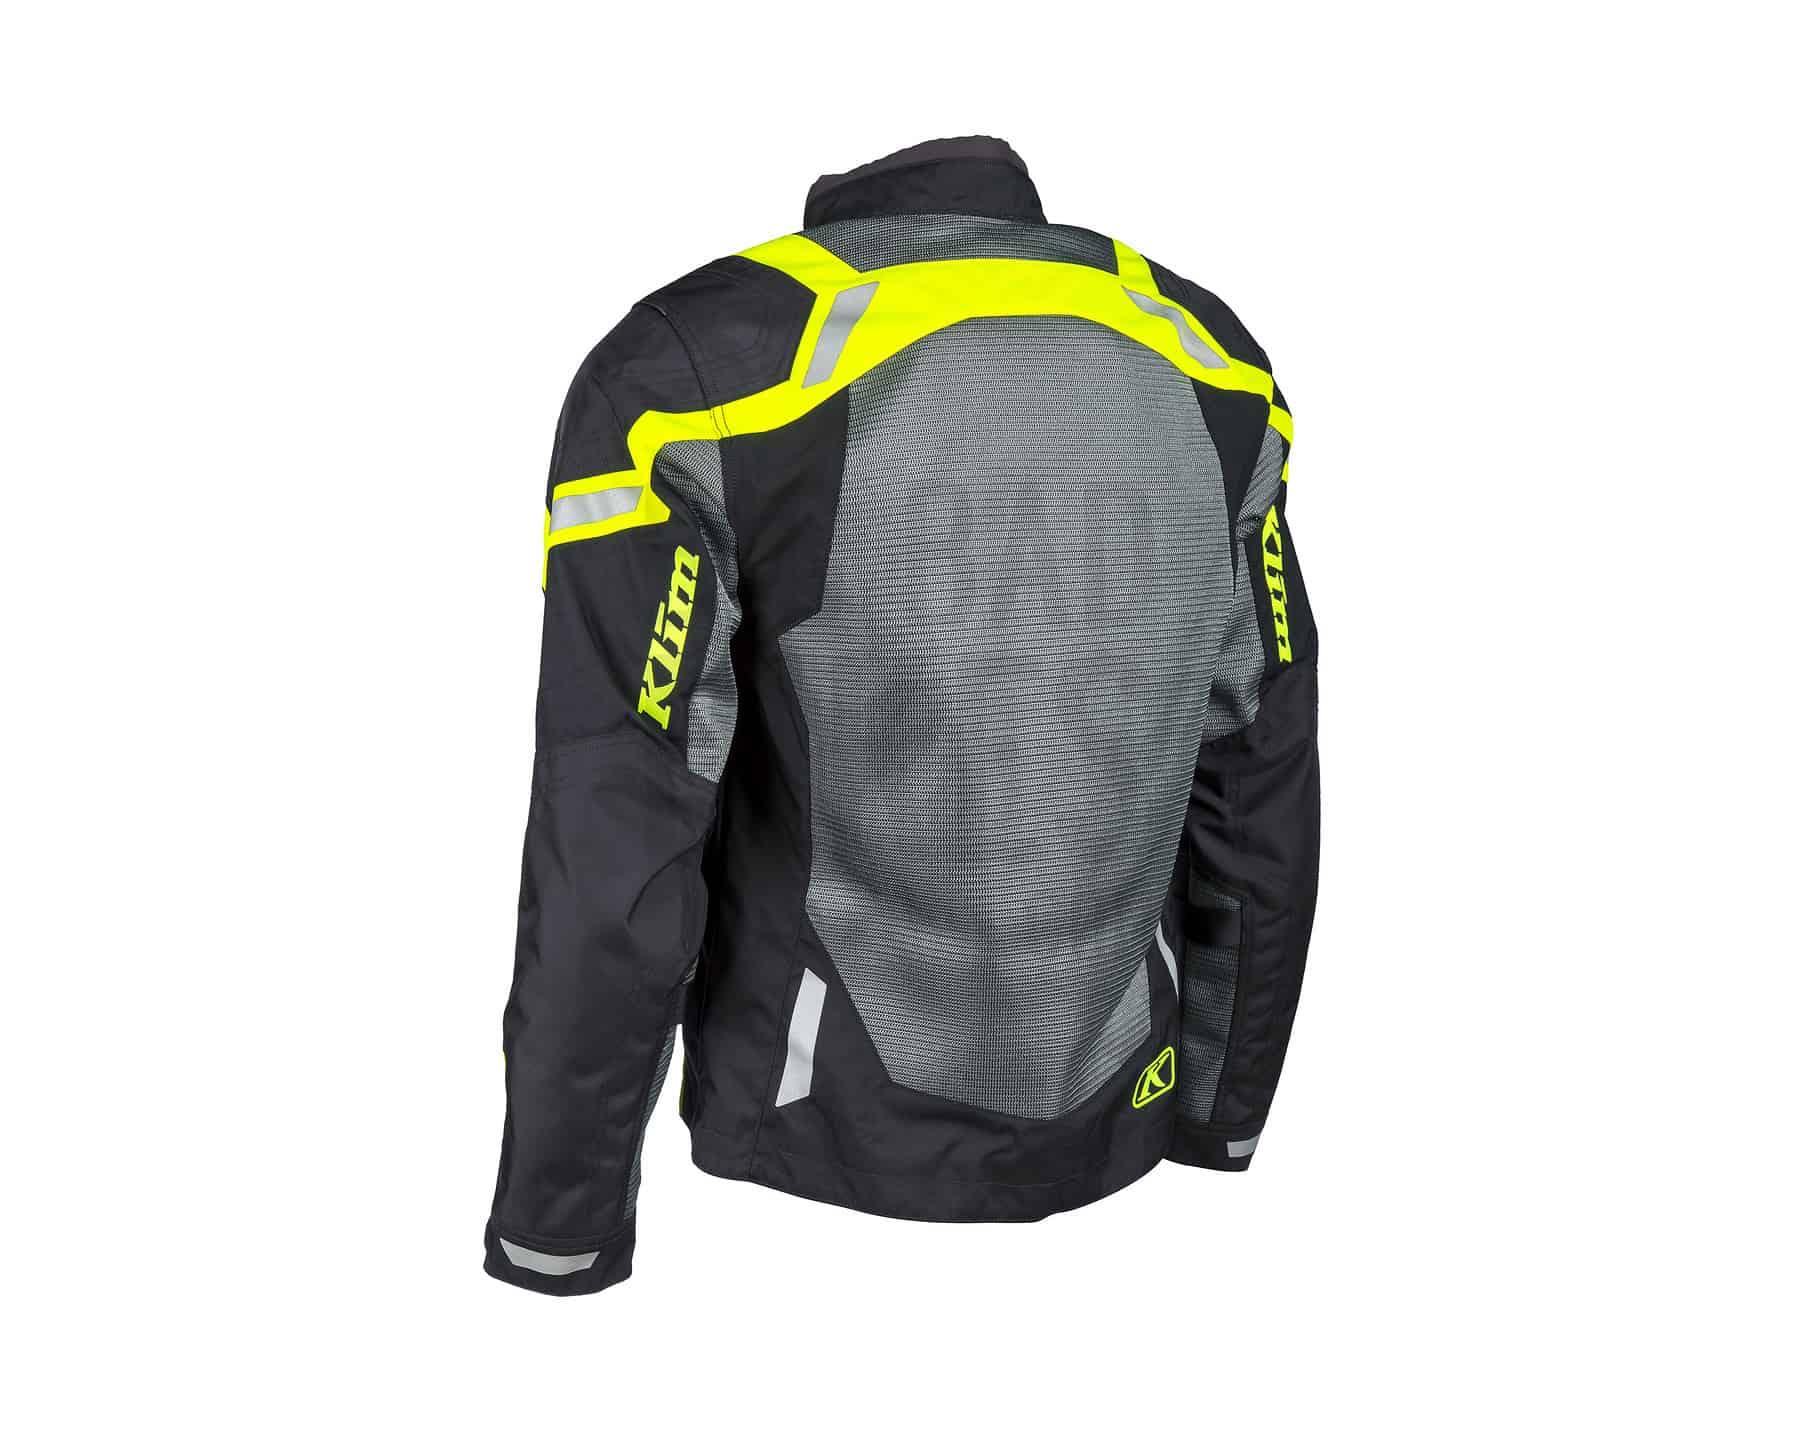 Induction Jacket_5060-002_High-Vis_05